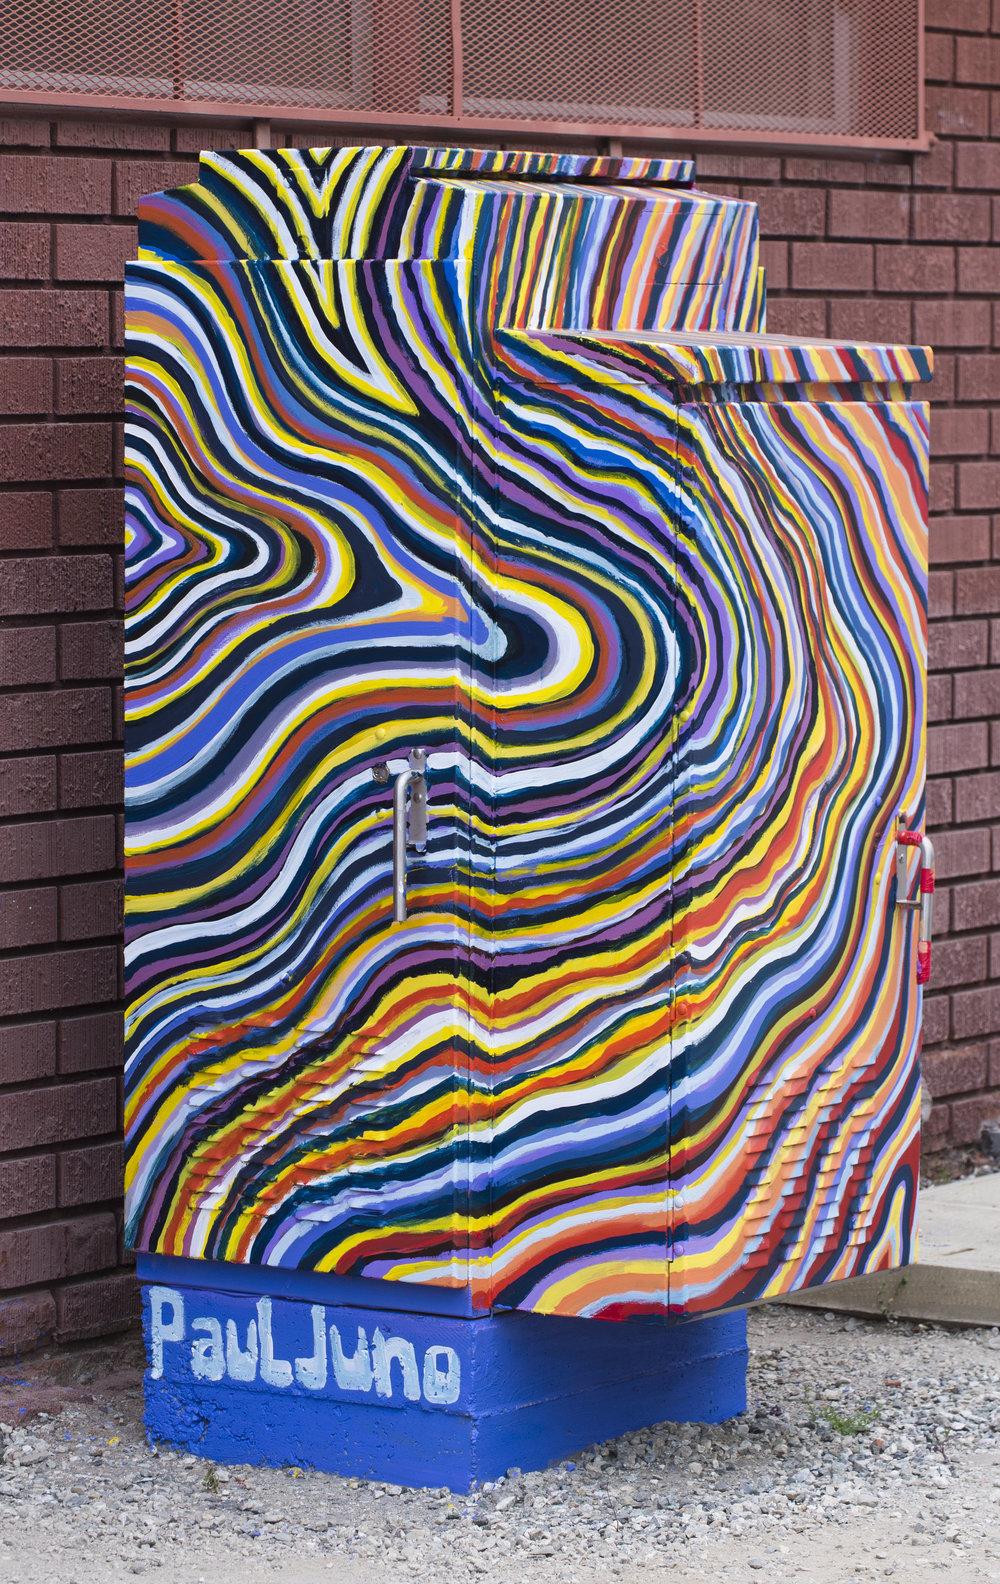 PAUL Juno Art